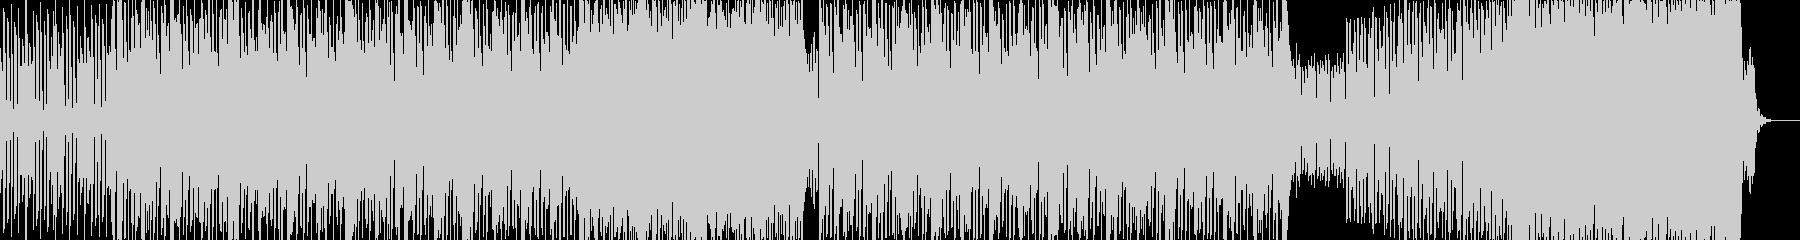 シンセの音が心地よいグルーヴ感のあるB…の未再生の波形